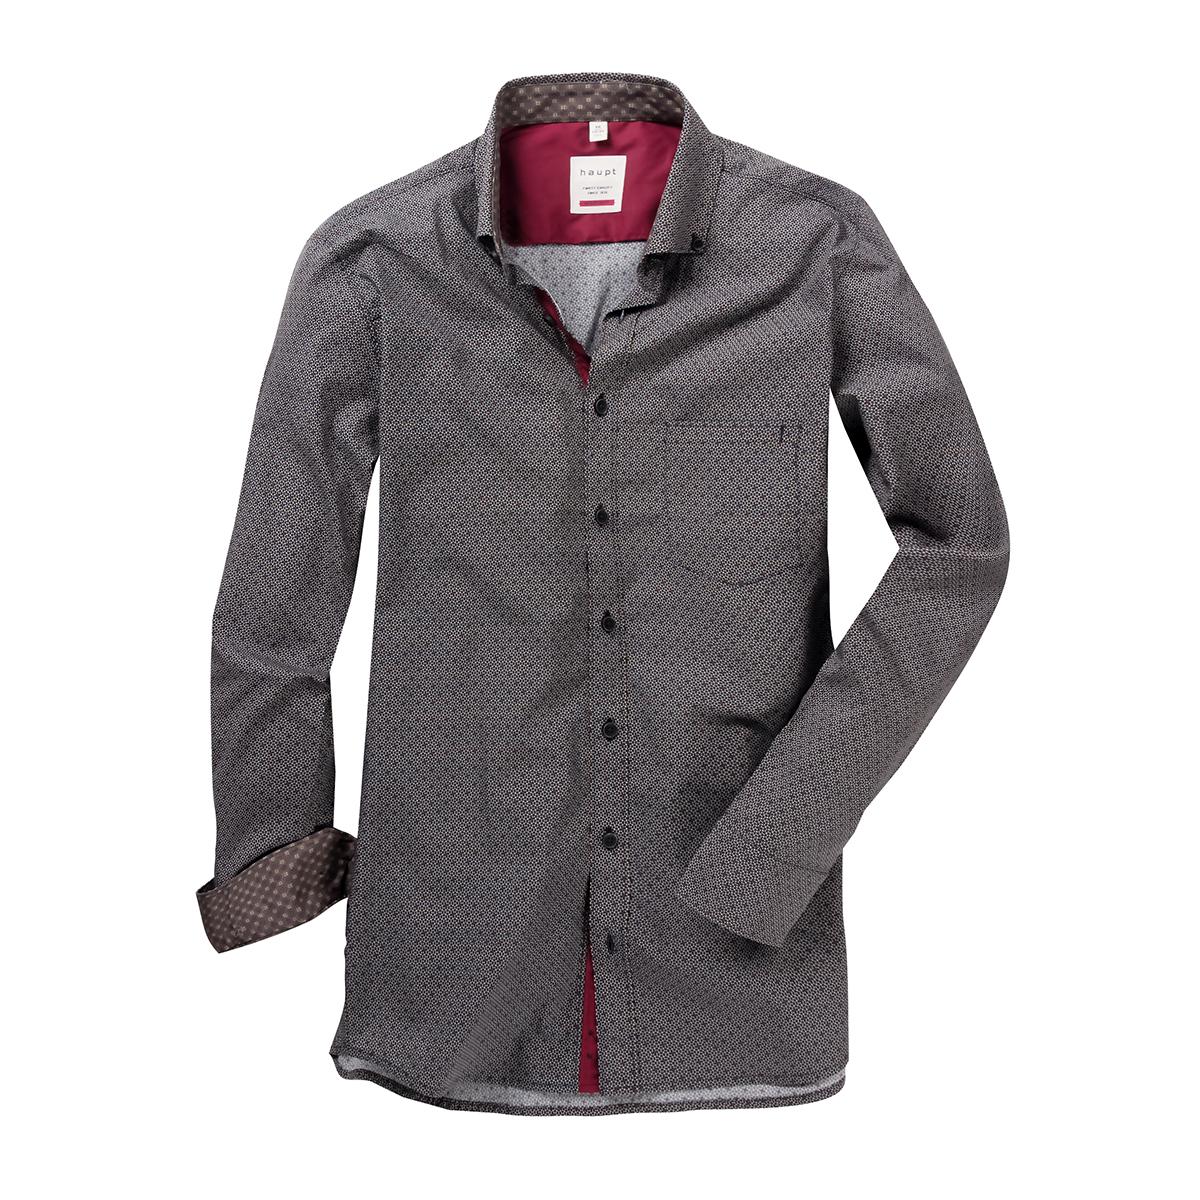 sports shoes fa6ee e6da3 Haupt modisches schwarzes Langarmhemd mit Allover Druck in rot-beige-weiß